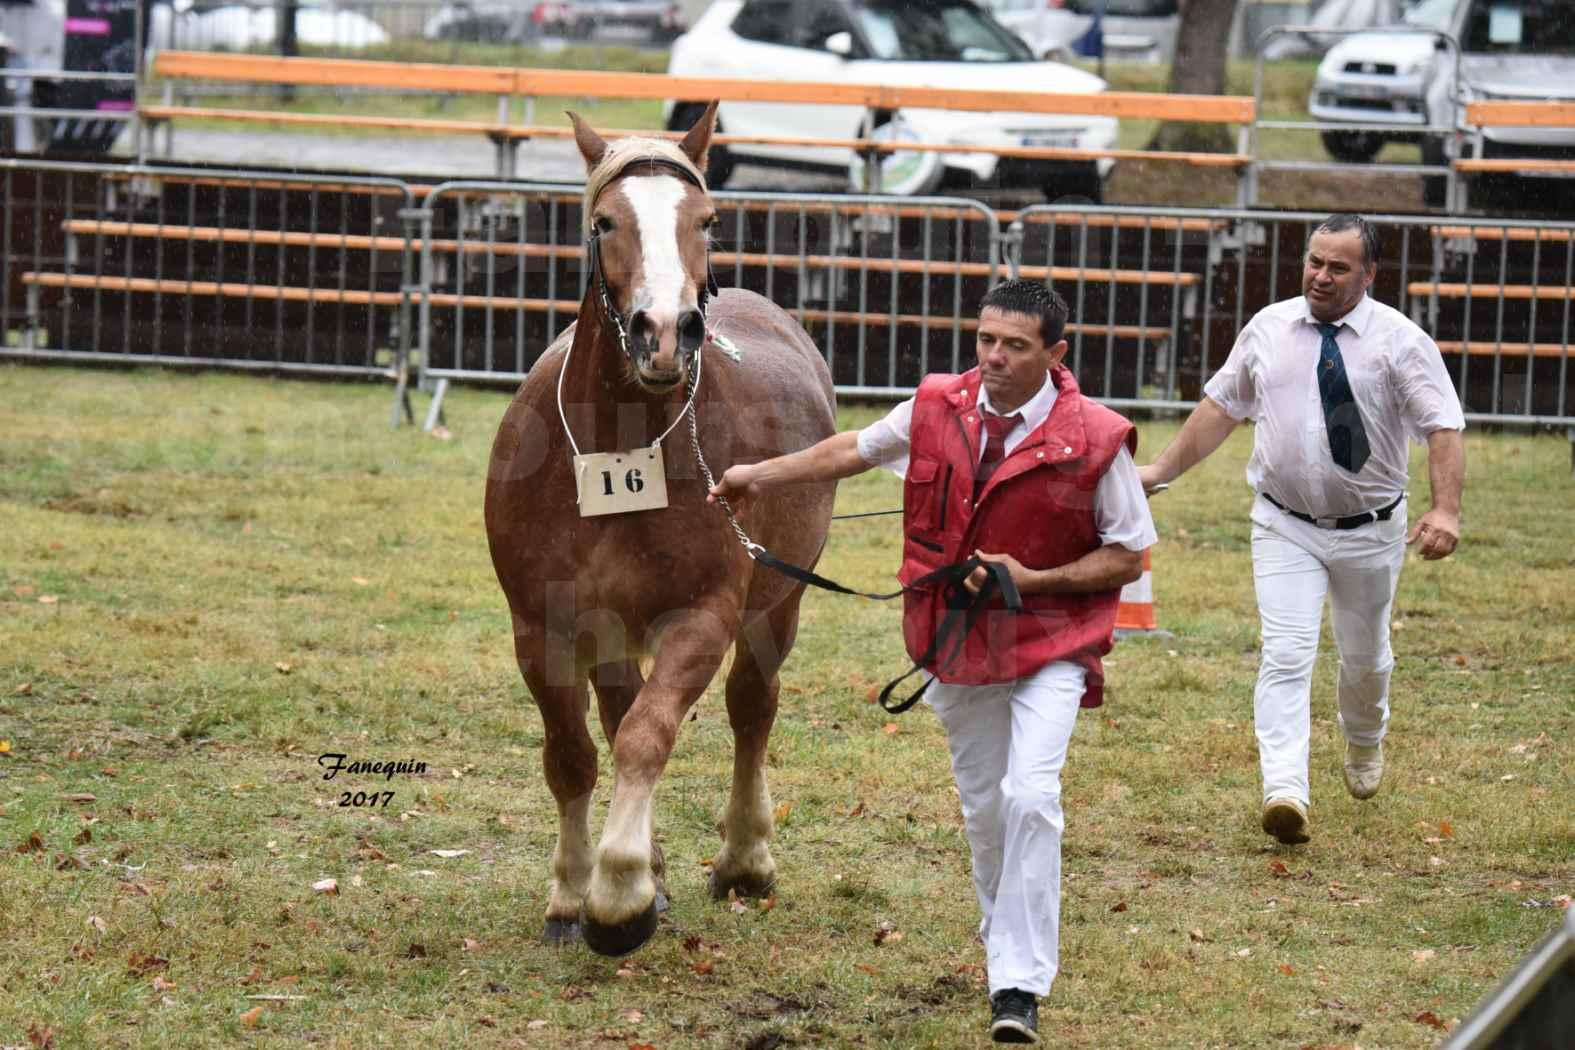 Concours Régional de chevaux de traits en 2017 - Trait ARDENNAIS - FLEUR D'ARIES - 05